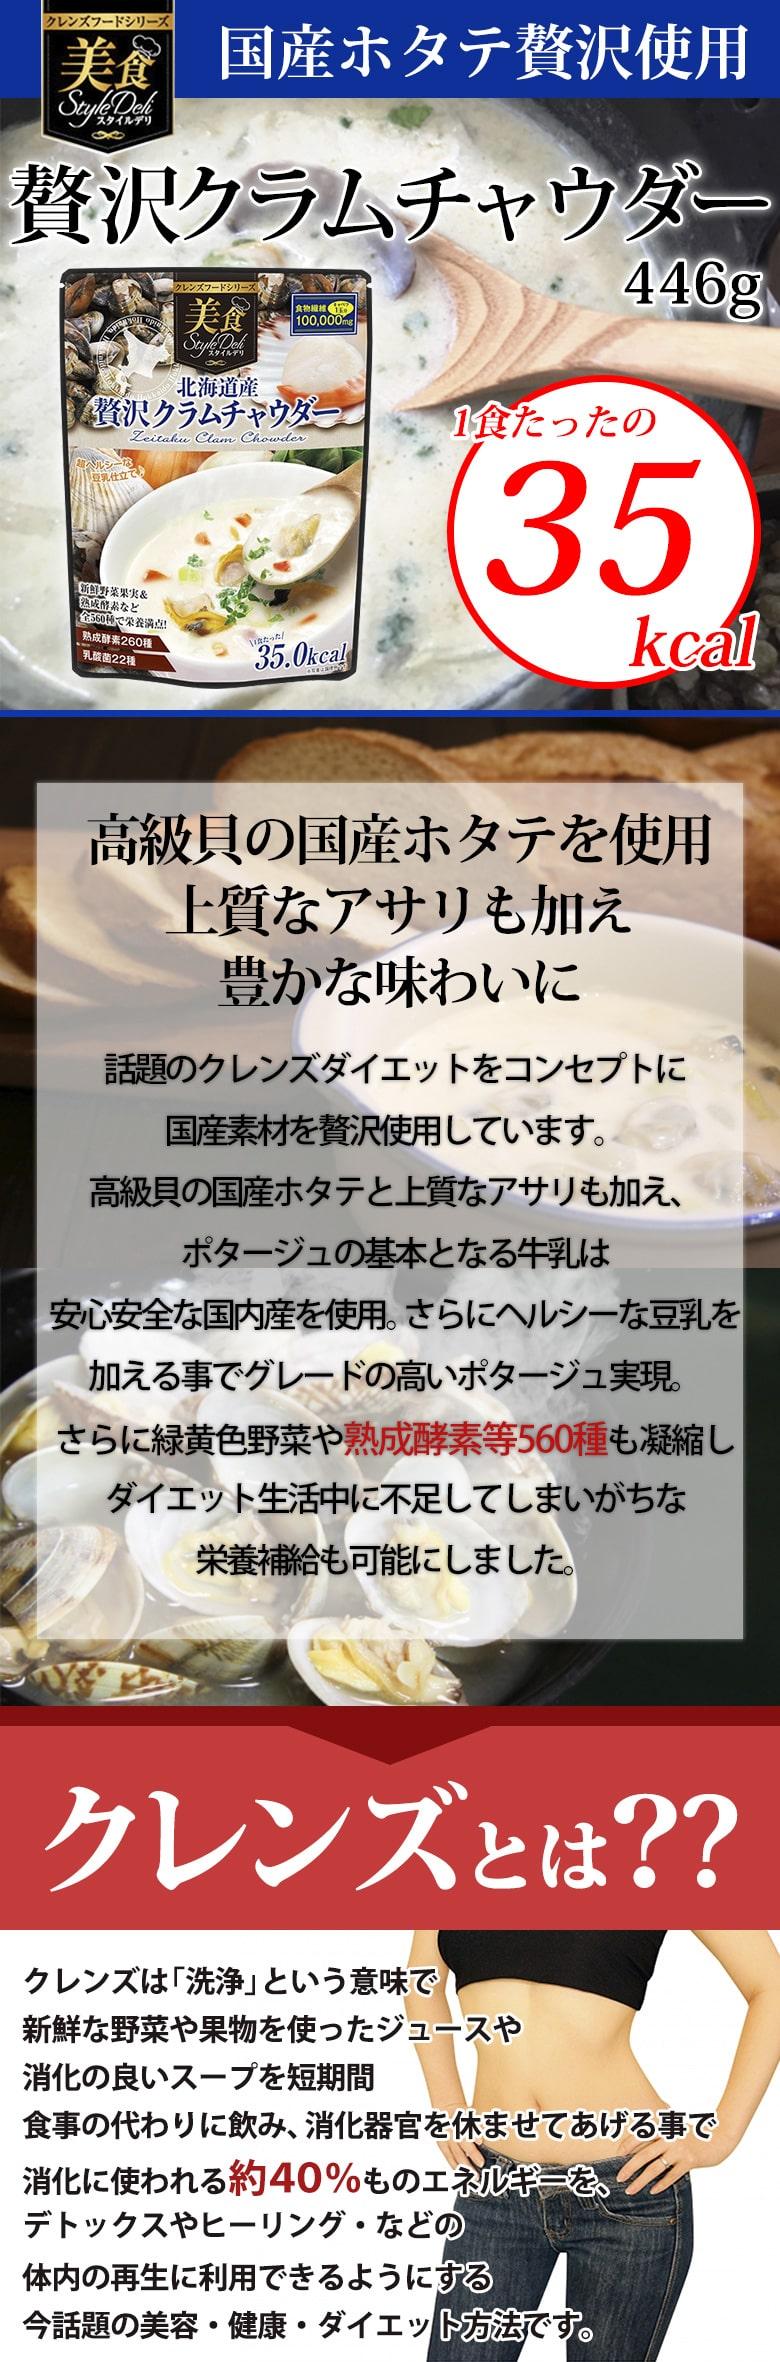 美食スタイルデリ 北海道産贅沢クラムチャウダーの説明